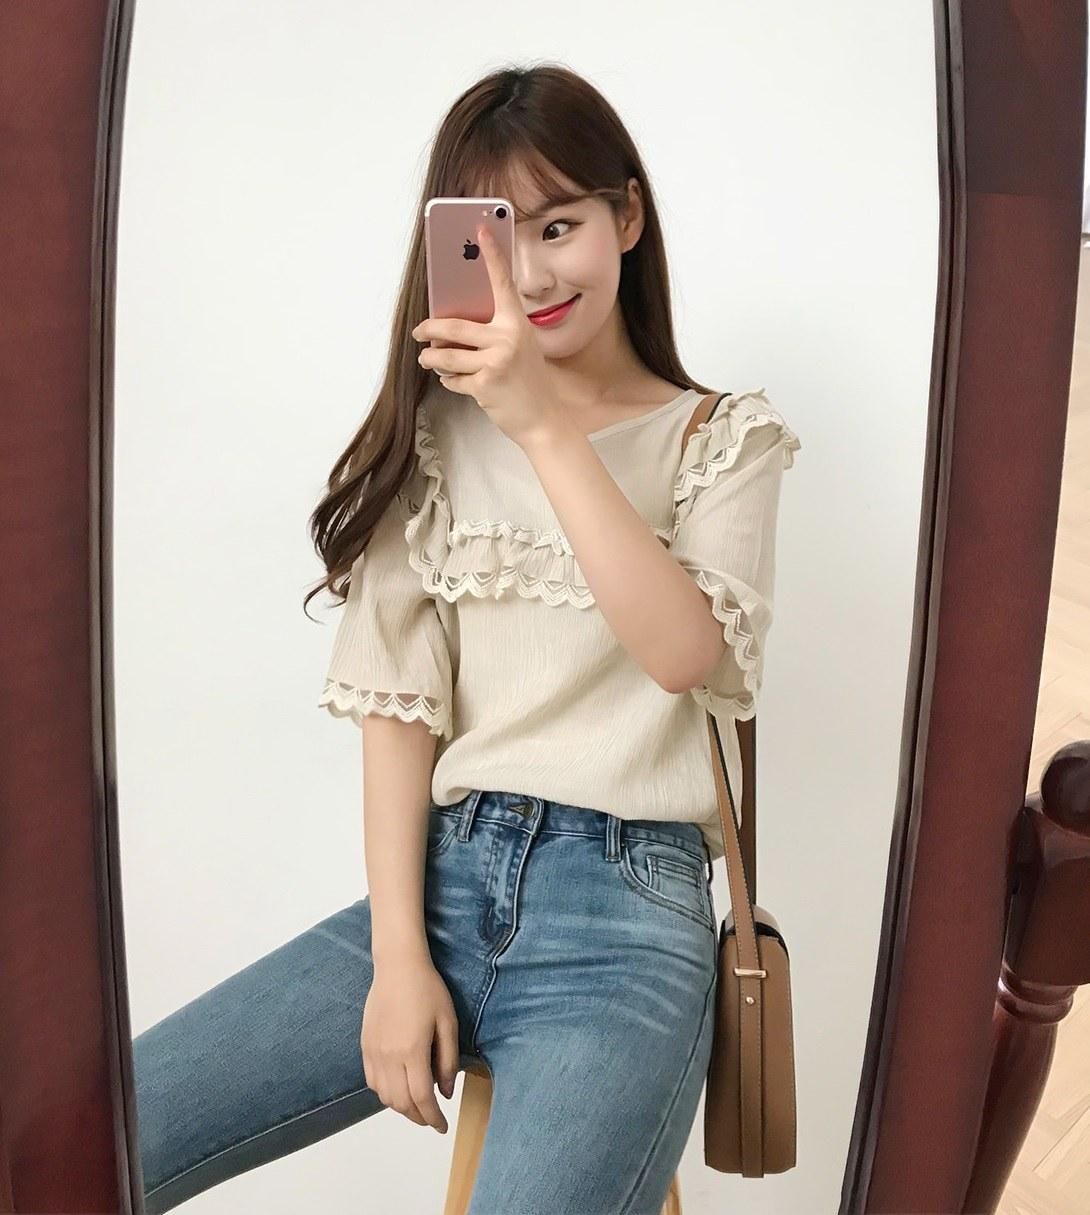 除了碎花襯衫,蕾絲邊設計的上衣也賣得很好,很多日本女生喜歡走比較淑女氣質的打扮,但為了中和過於女生氣息的風格,下半身只需要搭配褲裝就可以讓人看起來更有朝氣。至於胸前的蕾絲邊設計可以修飾胸型,就算胸部不夠豐滿,穿起來也不會顯得太平坦啦~